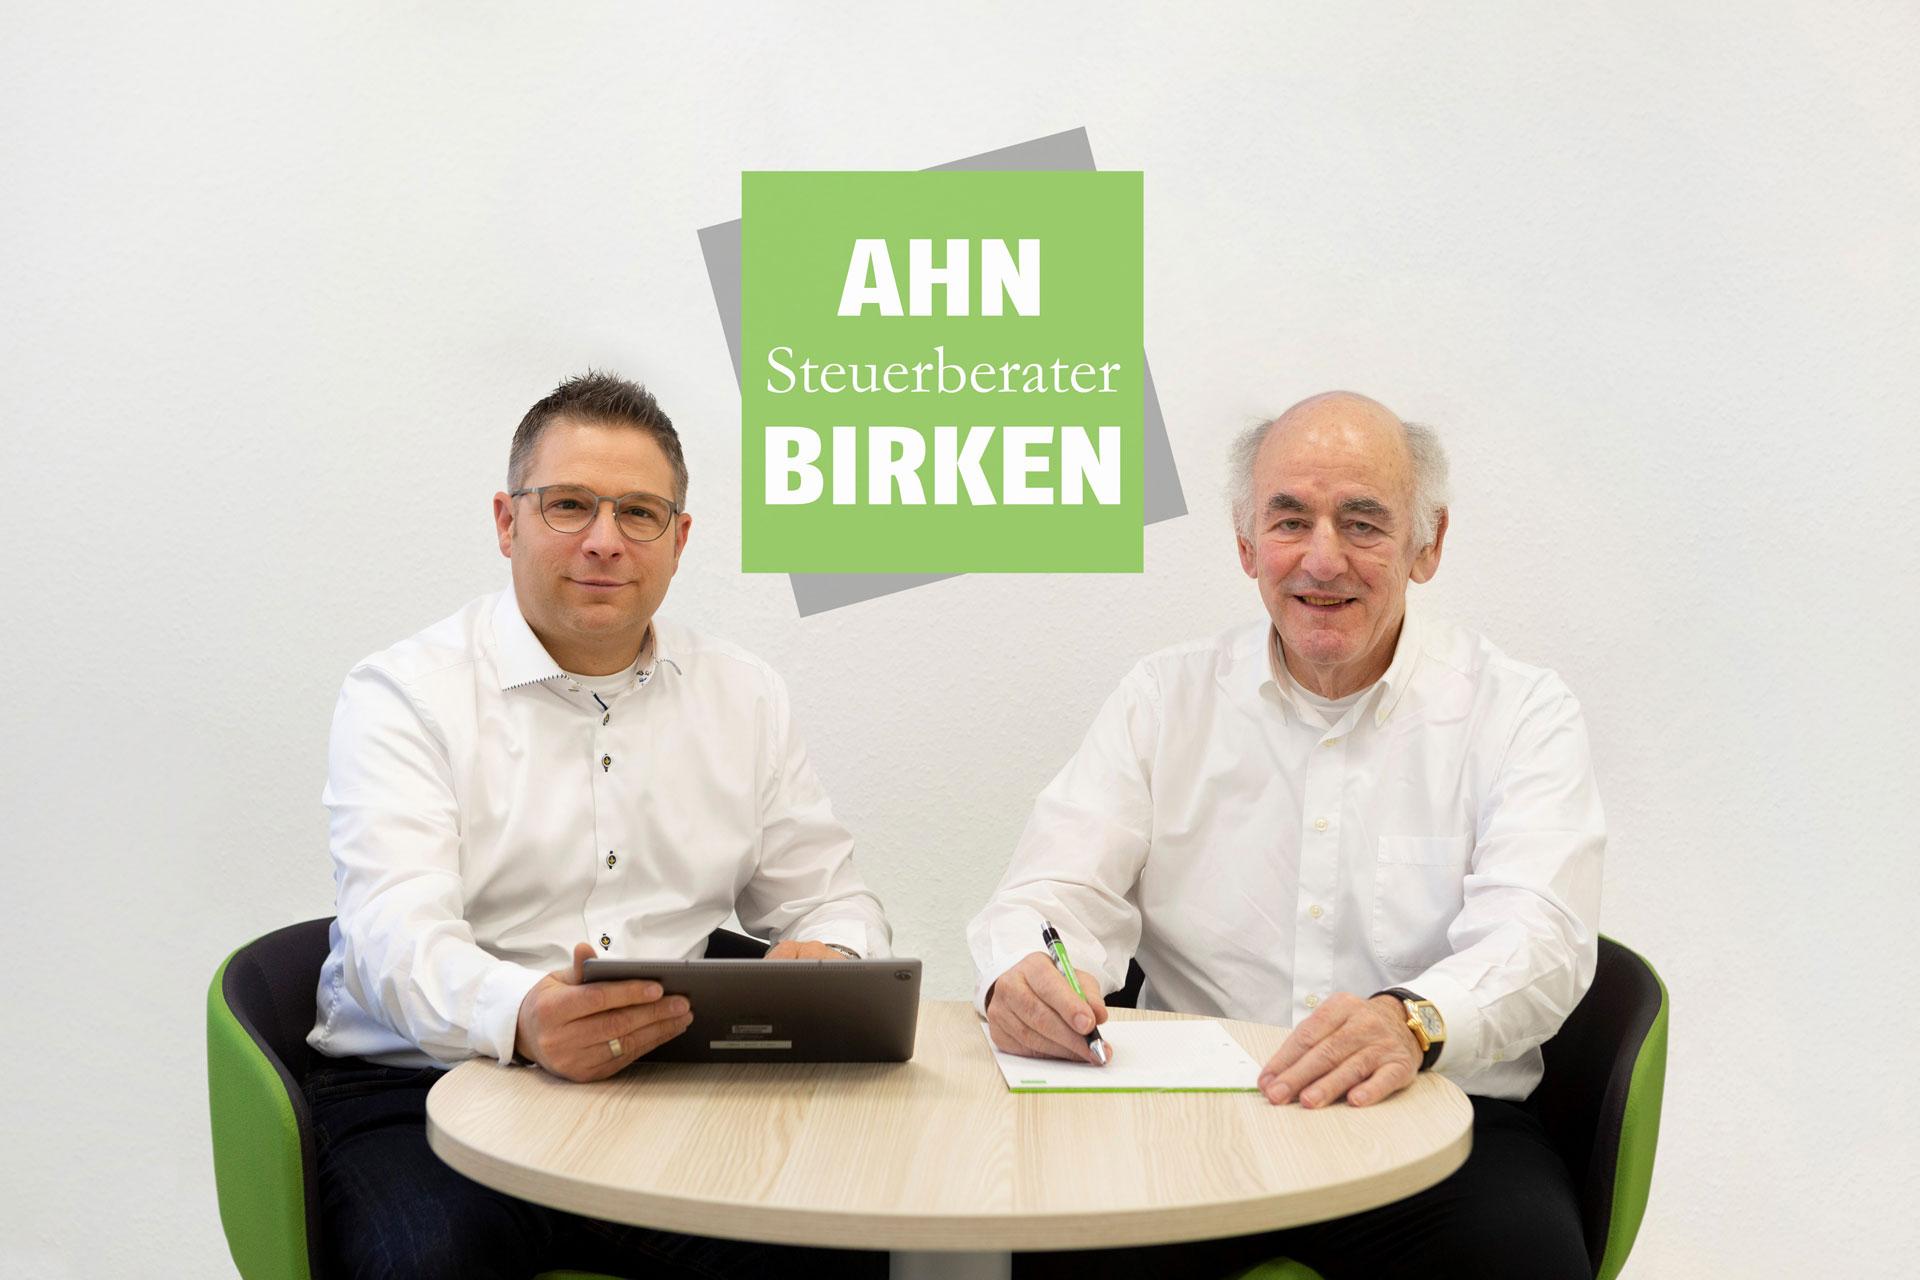 Ahn & Birken - Philosophie